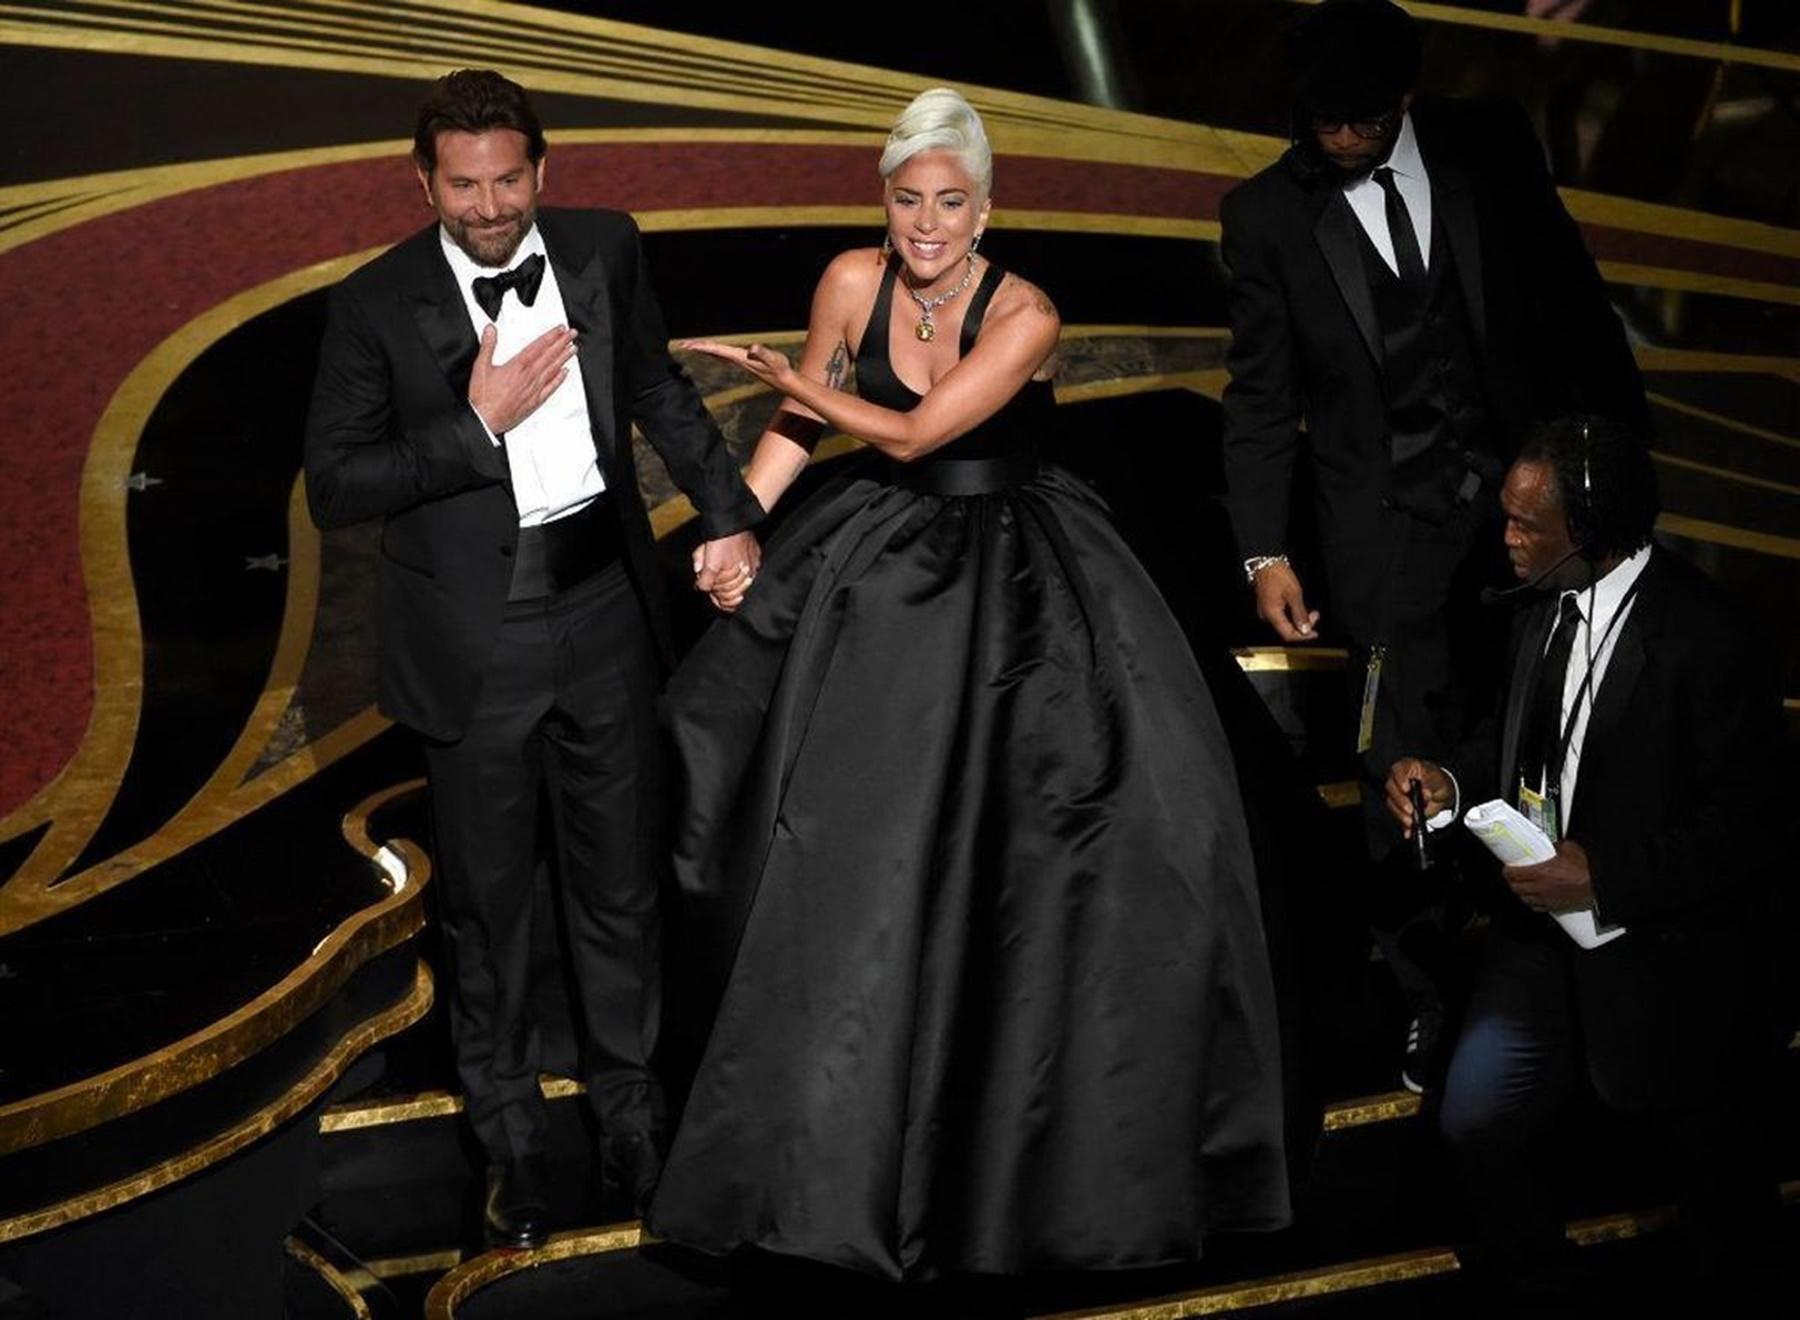 Bradley Cooper Lady Gaga Oscars 2019